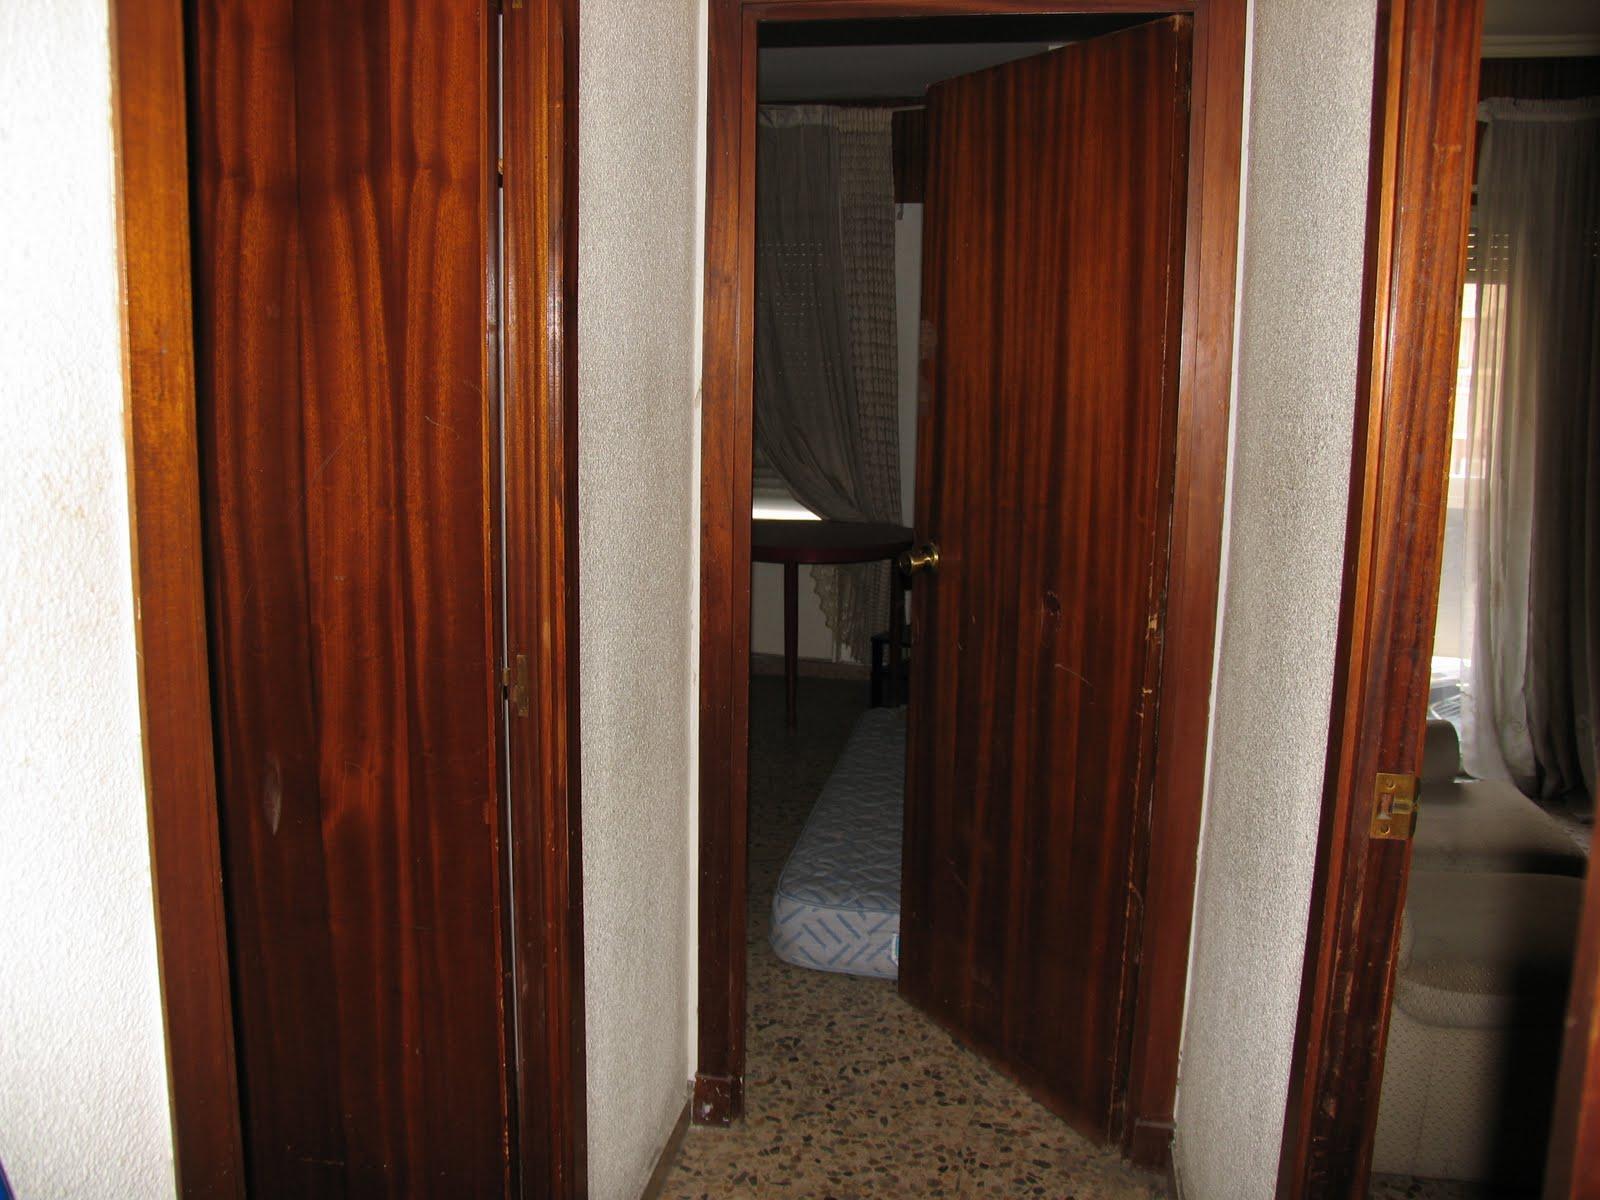 Esp ritu chamarilero lacar puertas en blanco y cambiar - Lacar puertas en blanco presupuesto ...